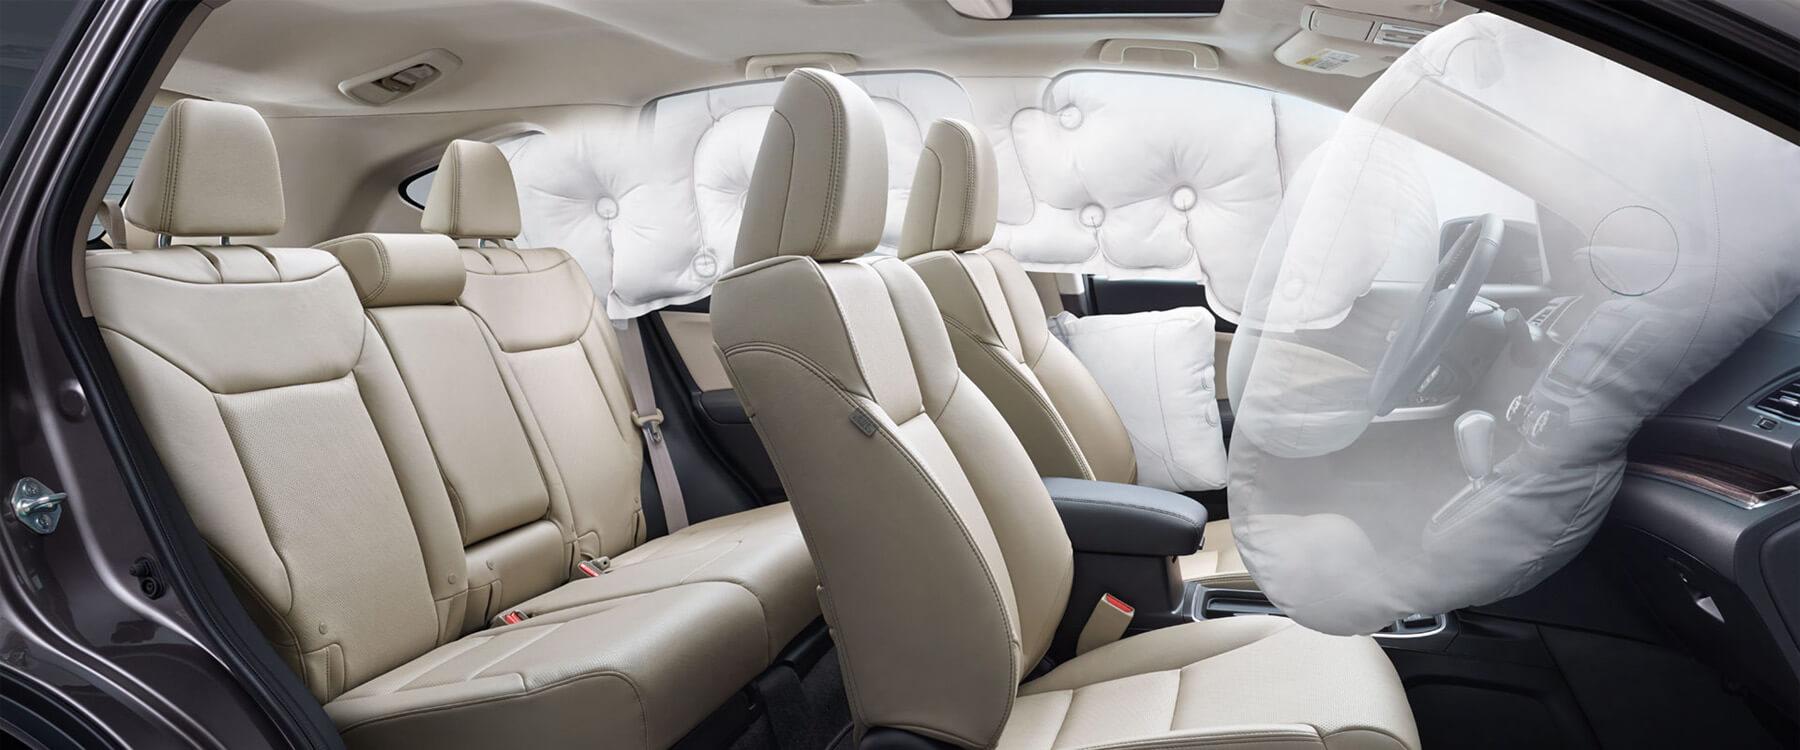 Honda Airbags